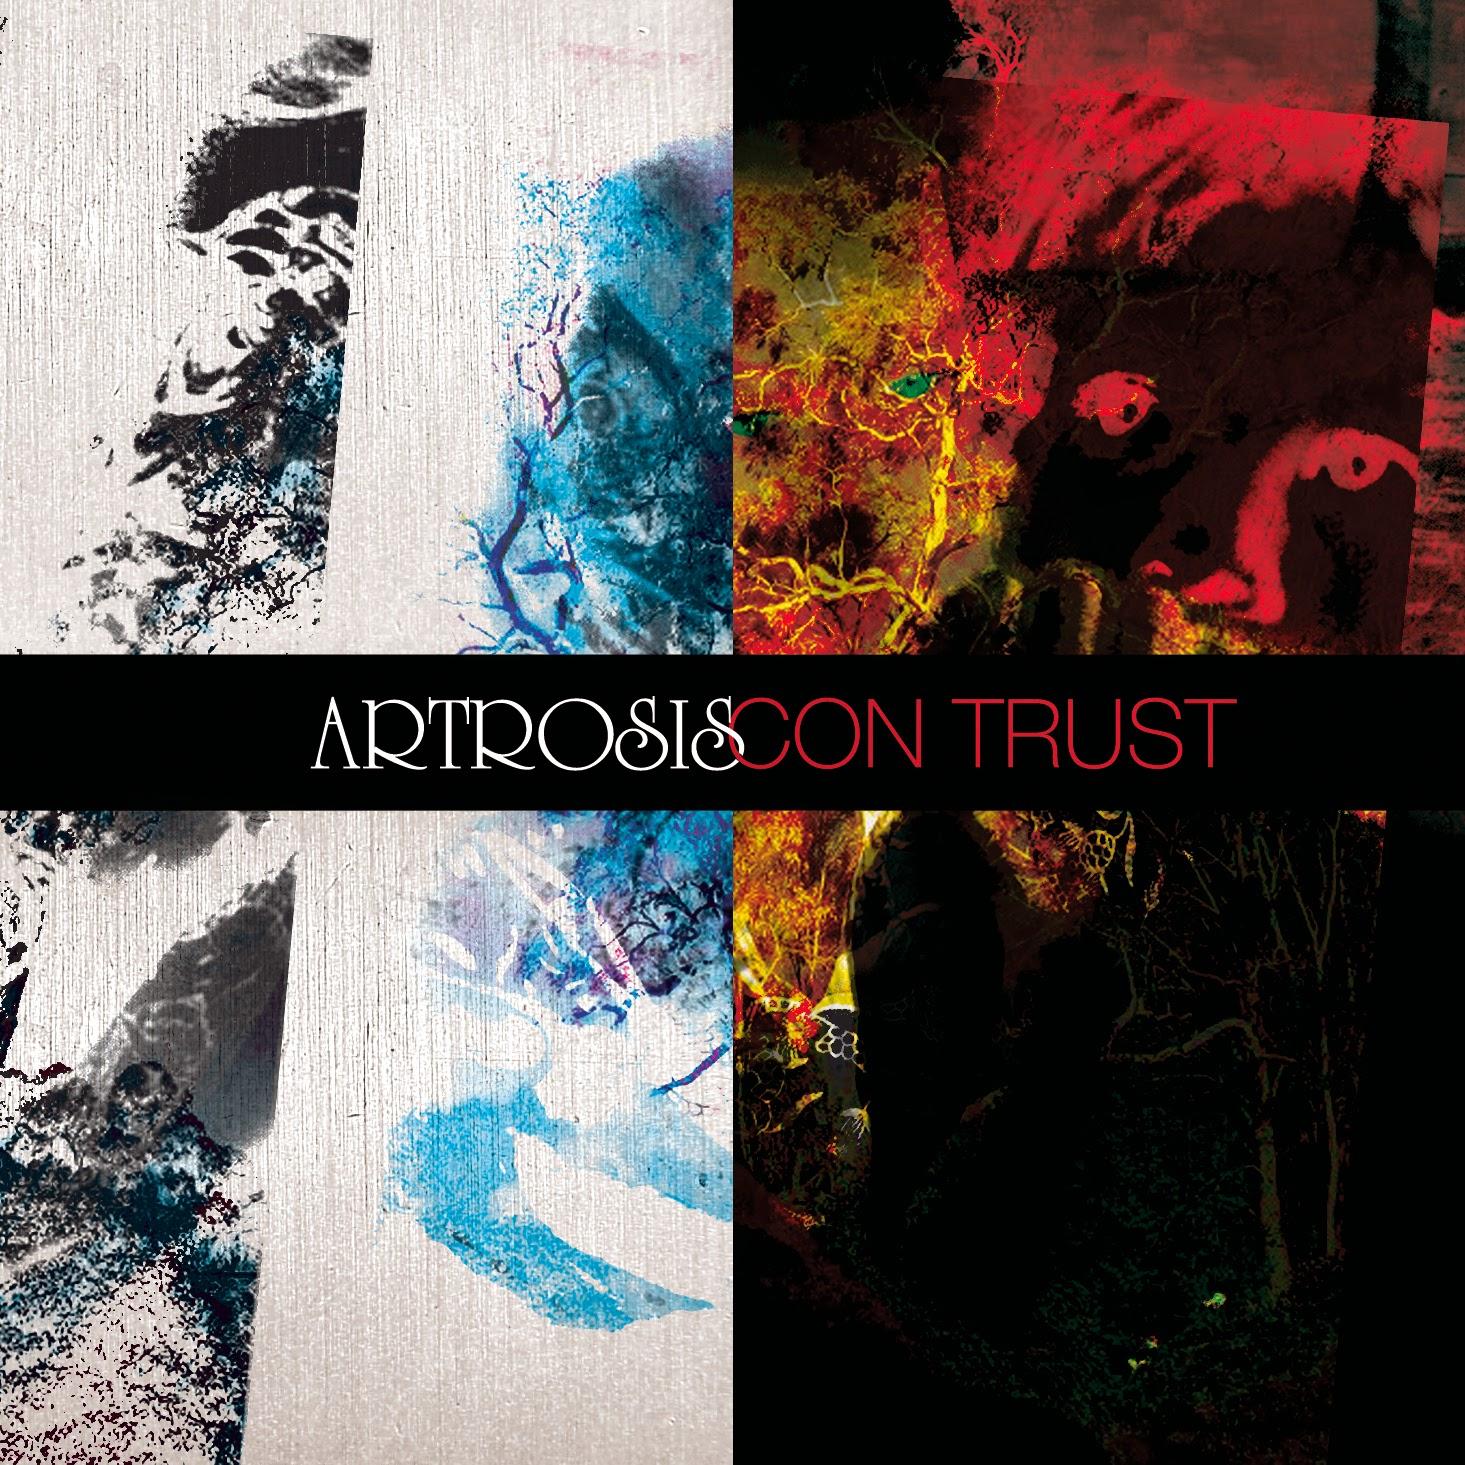 http://www.ulozto.net/xG33EBbB/artrosis-2006-con-trust-320kbps-rar